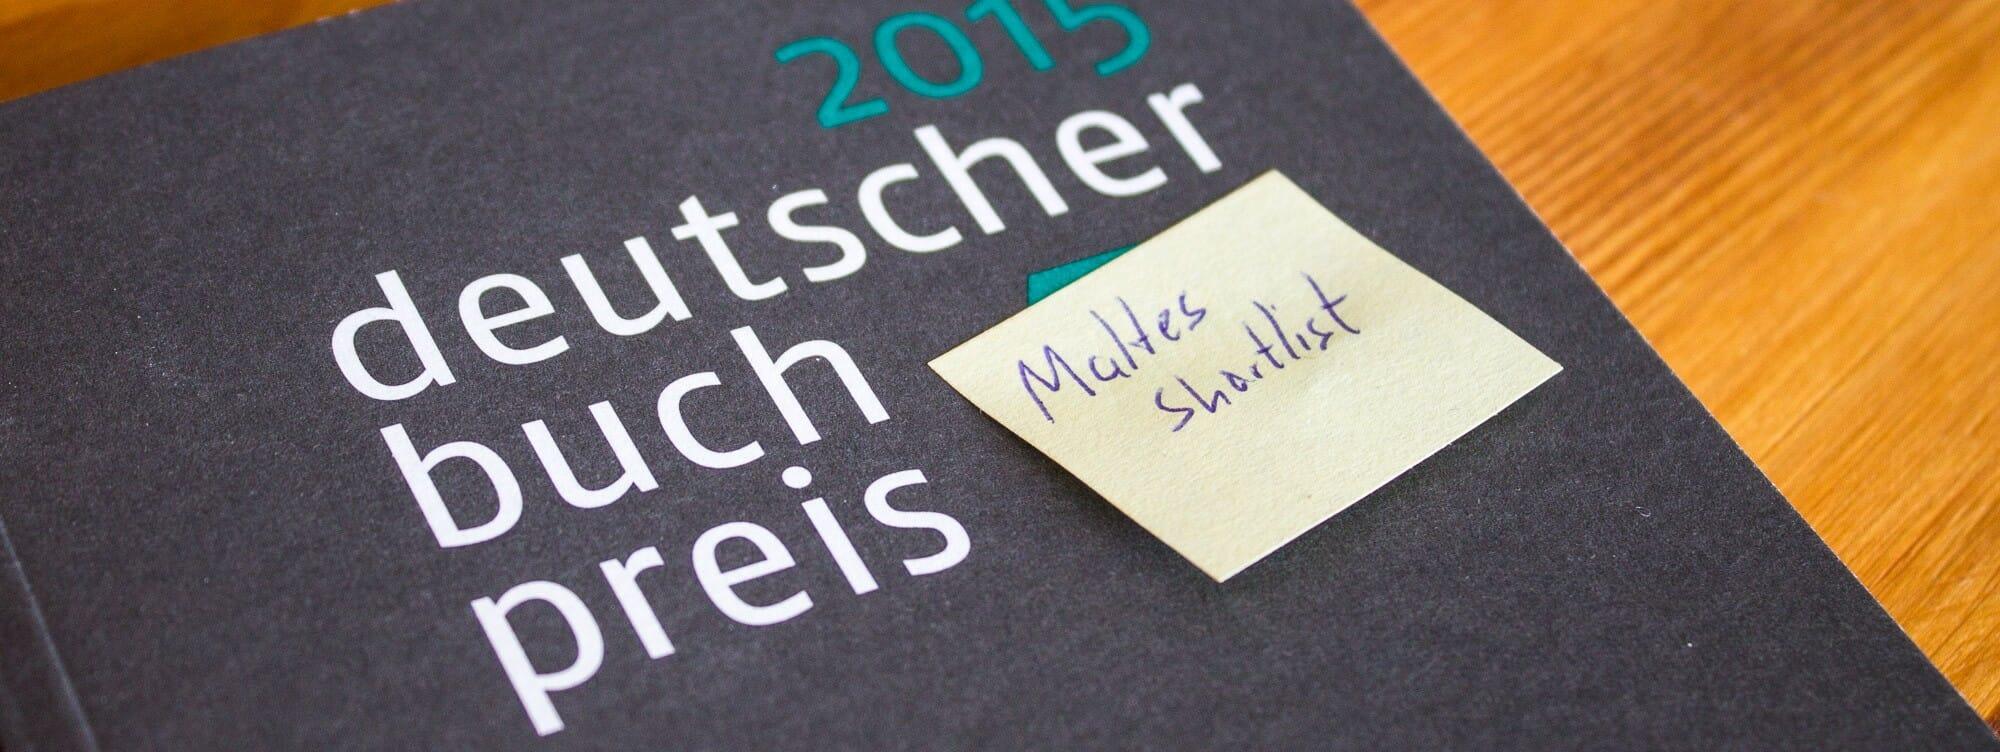 Deutscher Buchpreis 2015: Die Auswahl von Malte Bremer